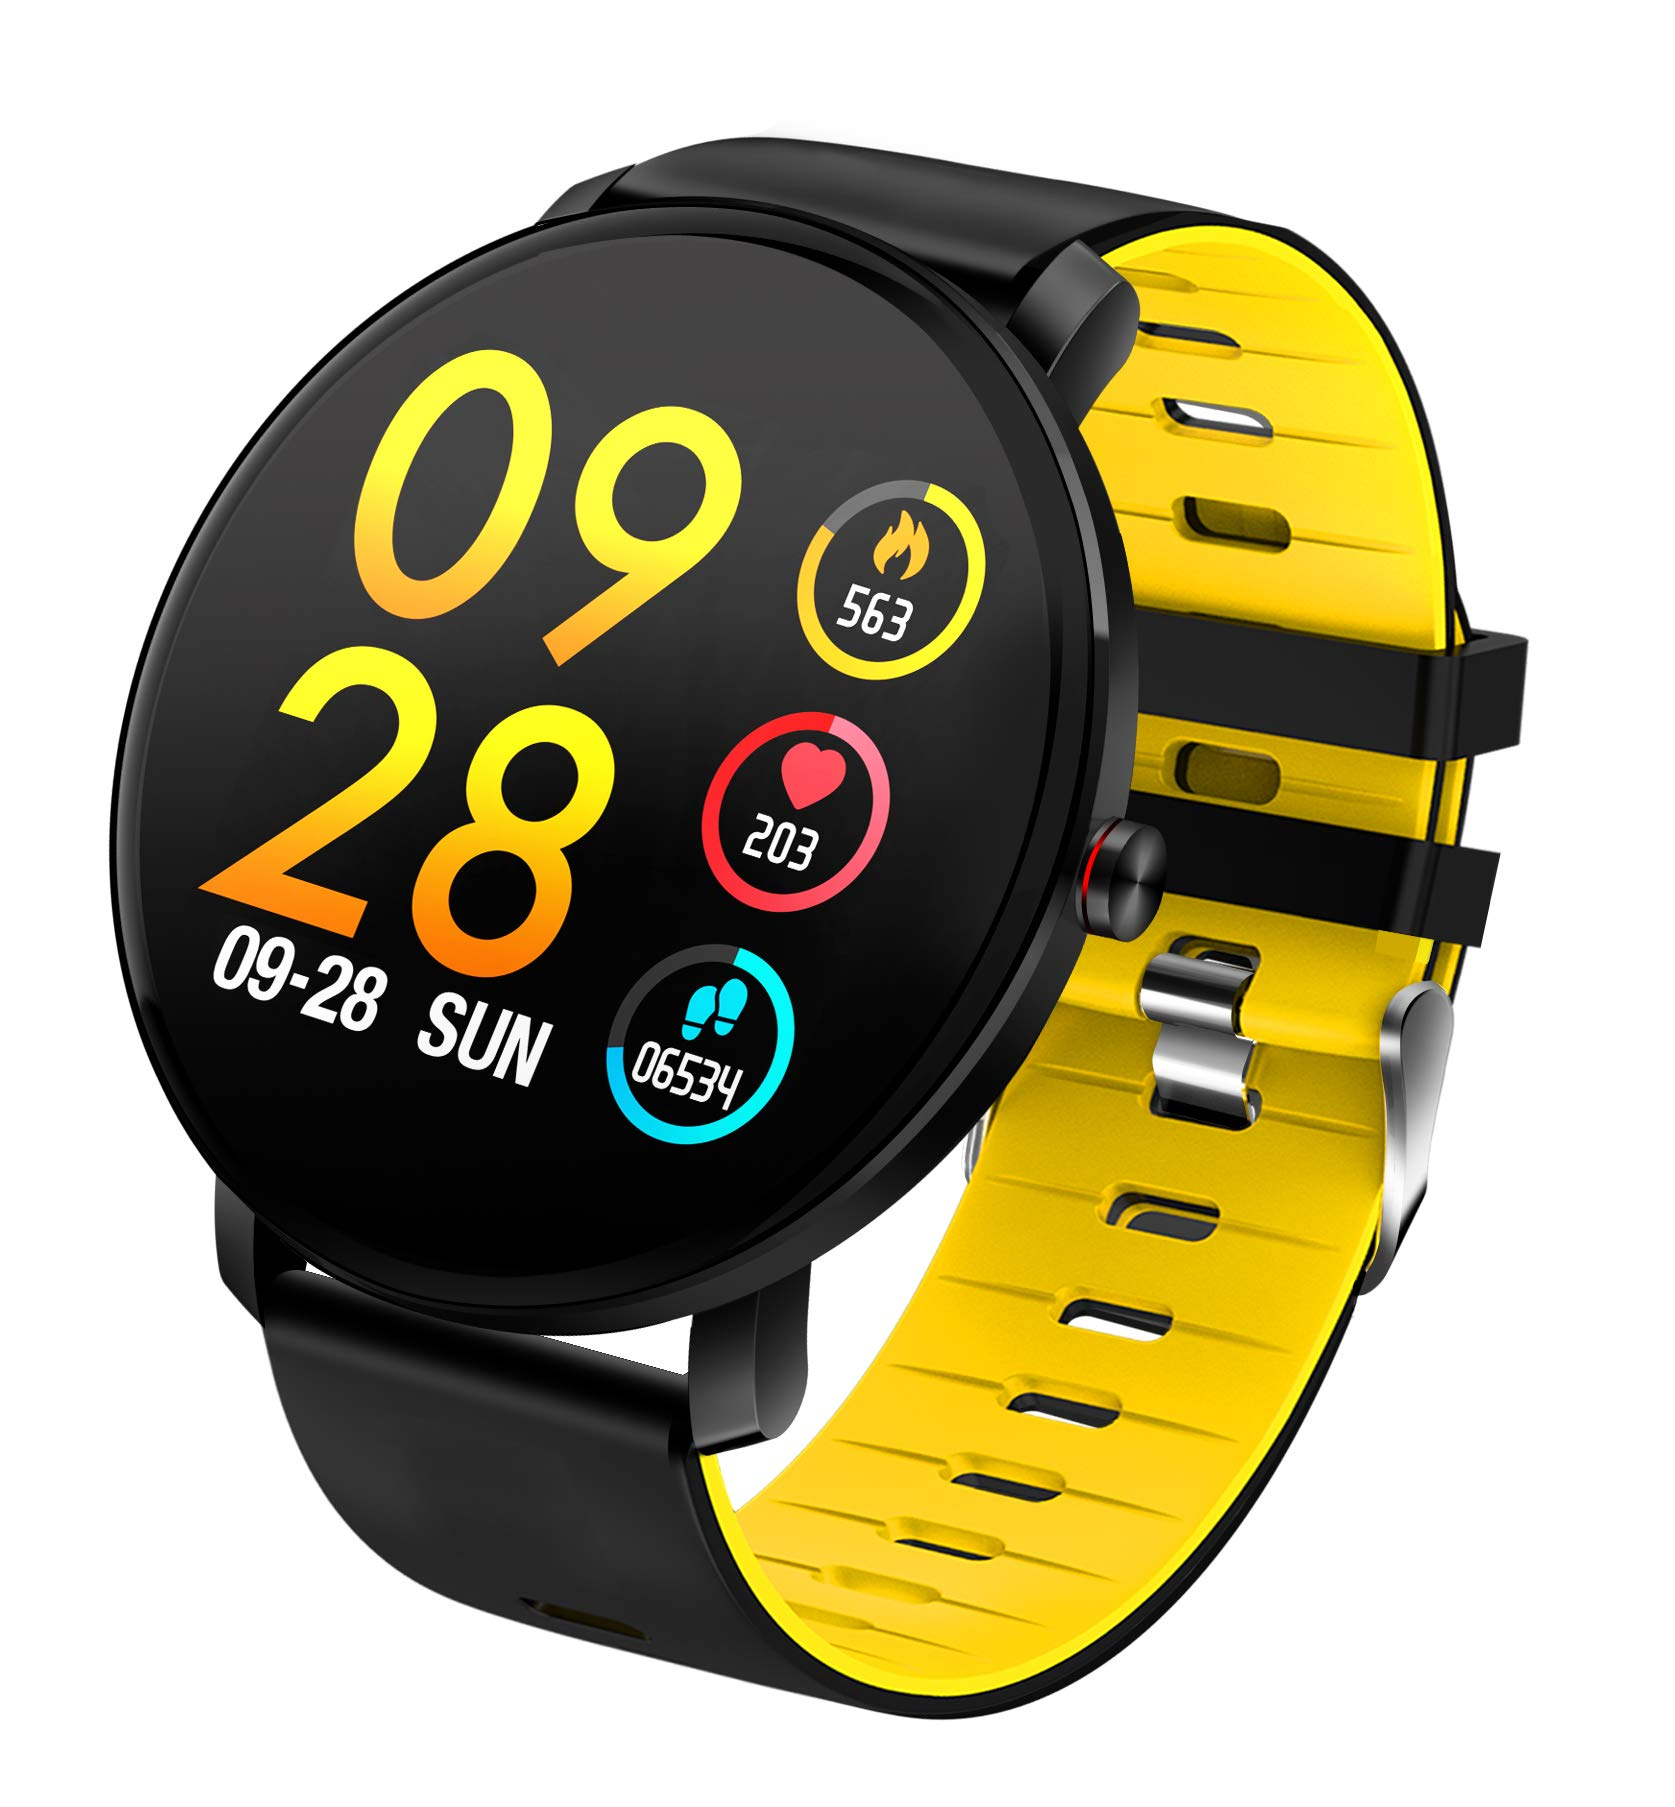 TDOR Smartwatch con Whatsapp Hombre Mujer Reloj Inteligente Android iOS Deportivo, Color Amarillo 1